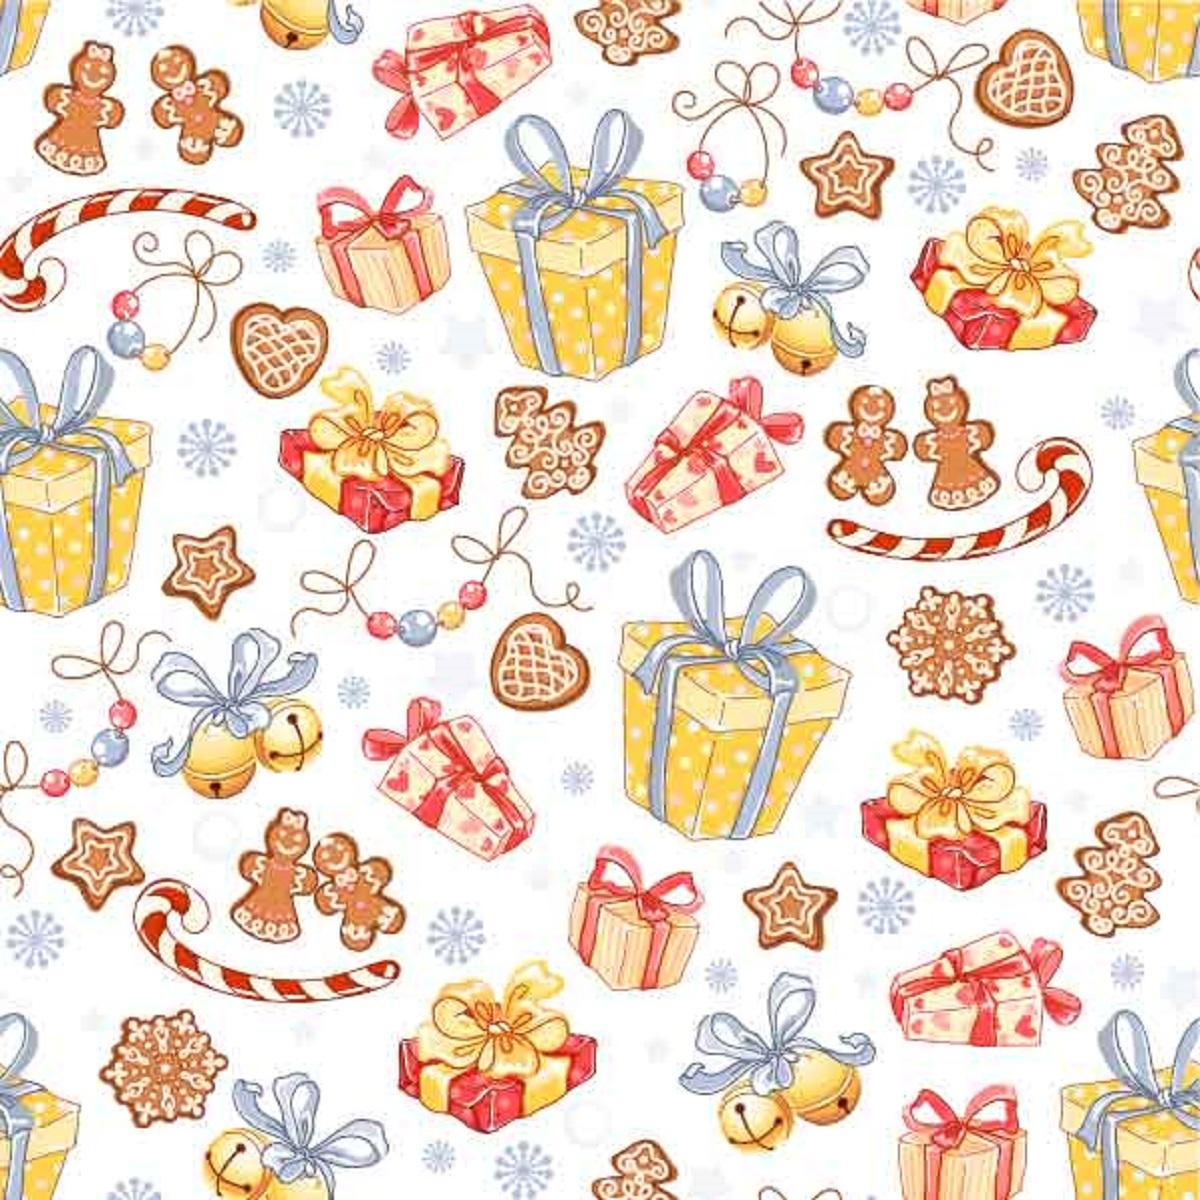 Салфетки бумажные Gratias Подарки и сладости, трехслойные, 33 х 33 см, 20 шт19199Трехслойные бумажные салфетки Gratias Подарки и сладости, выполненные из натуральной целлюлозы, станут отличным дополнением любого праздничного стола. Они отличаются необычной мягкостью и прочностью. Размер листа: 33 х 33 см. Количество слоев: 3.